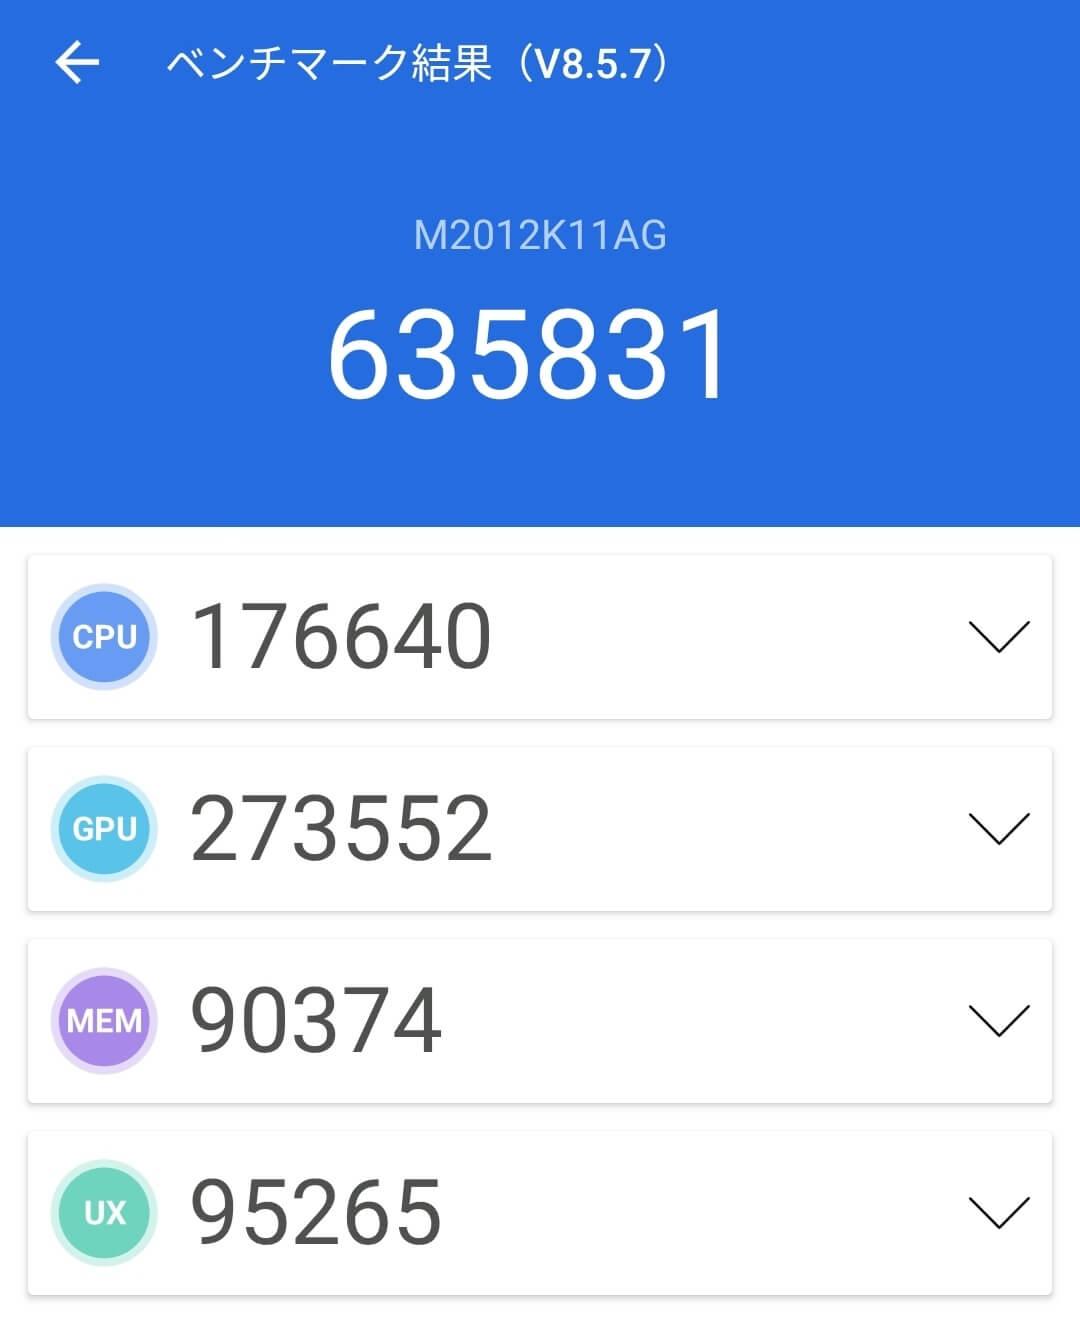 Xiaomi POCO F3 5GのAntutuベンチマークスコア計測1回目は635831